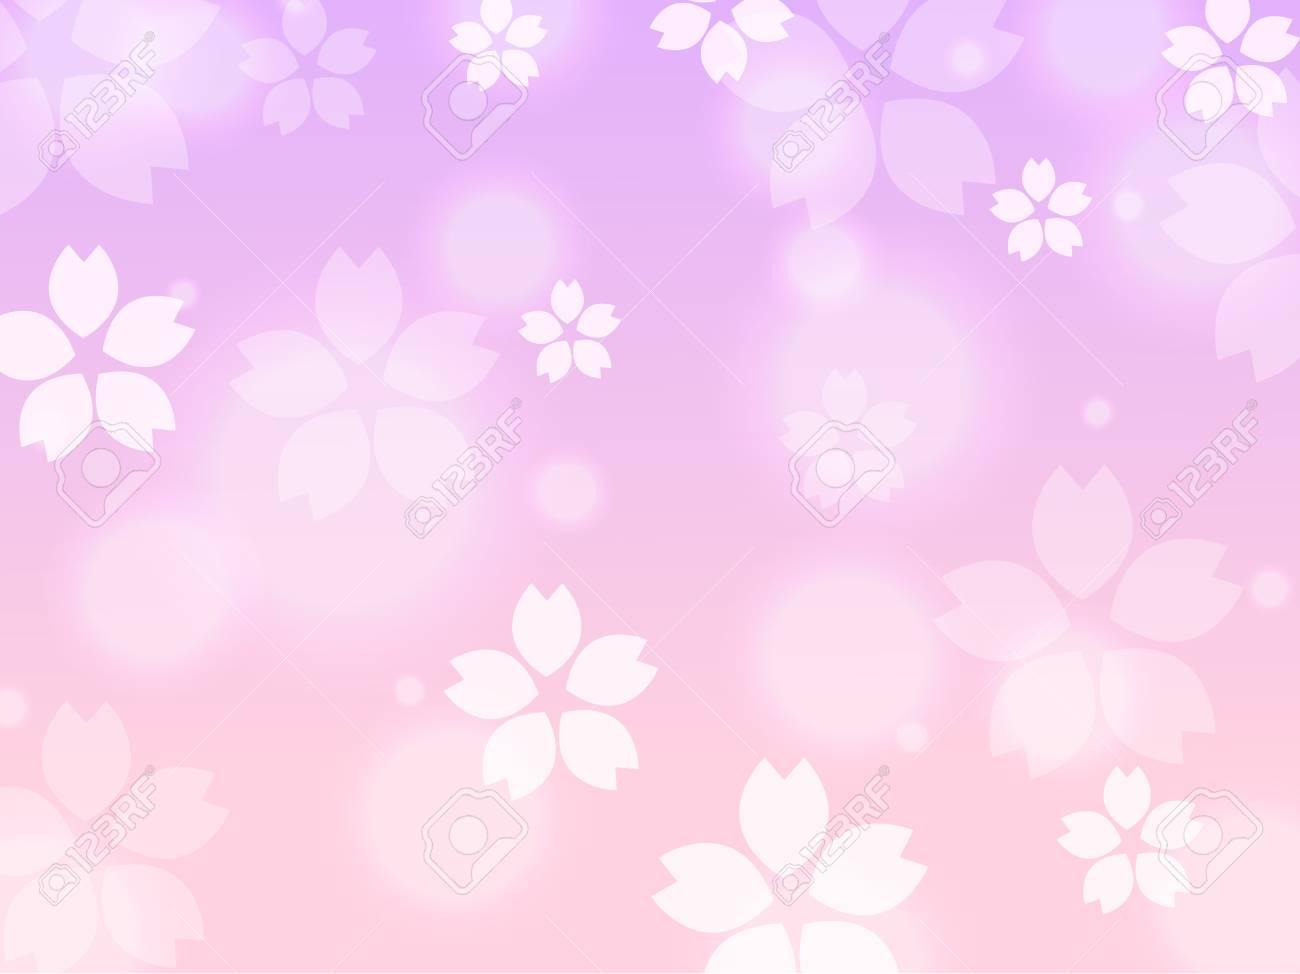 紫ピンクの桜桜春背景イラスト ロイヤリティフリークリップアート